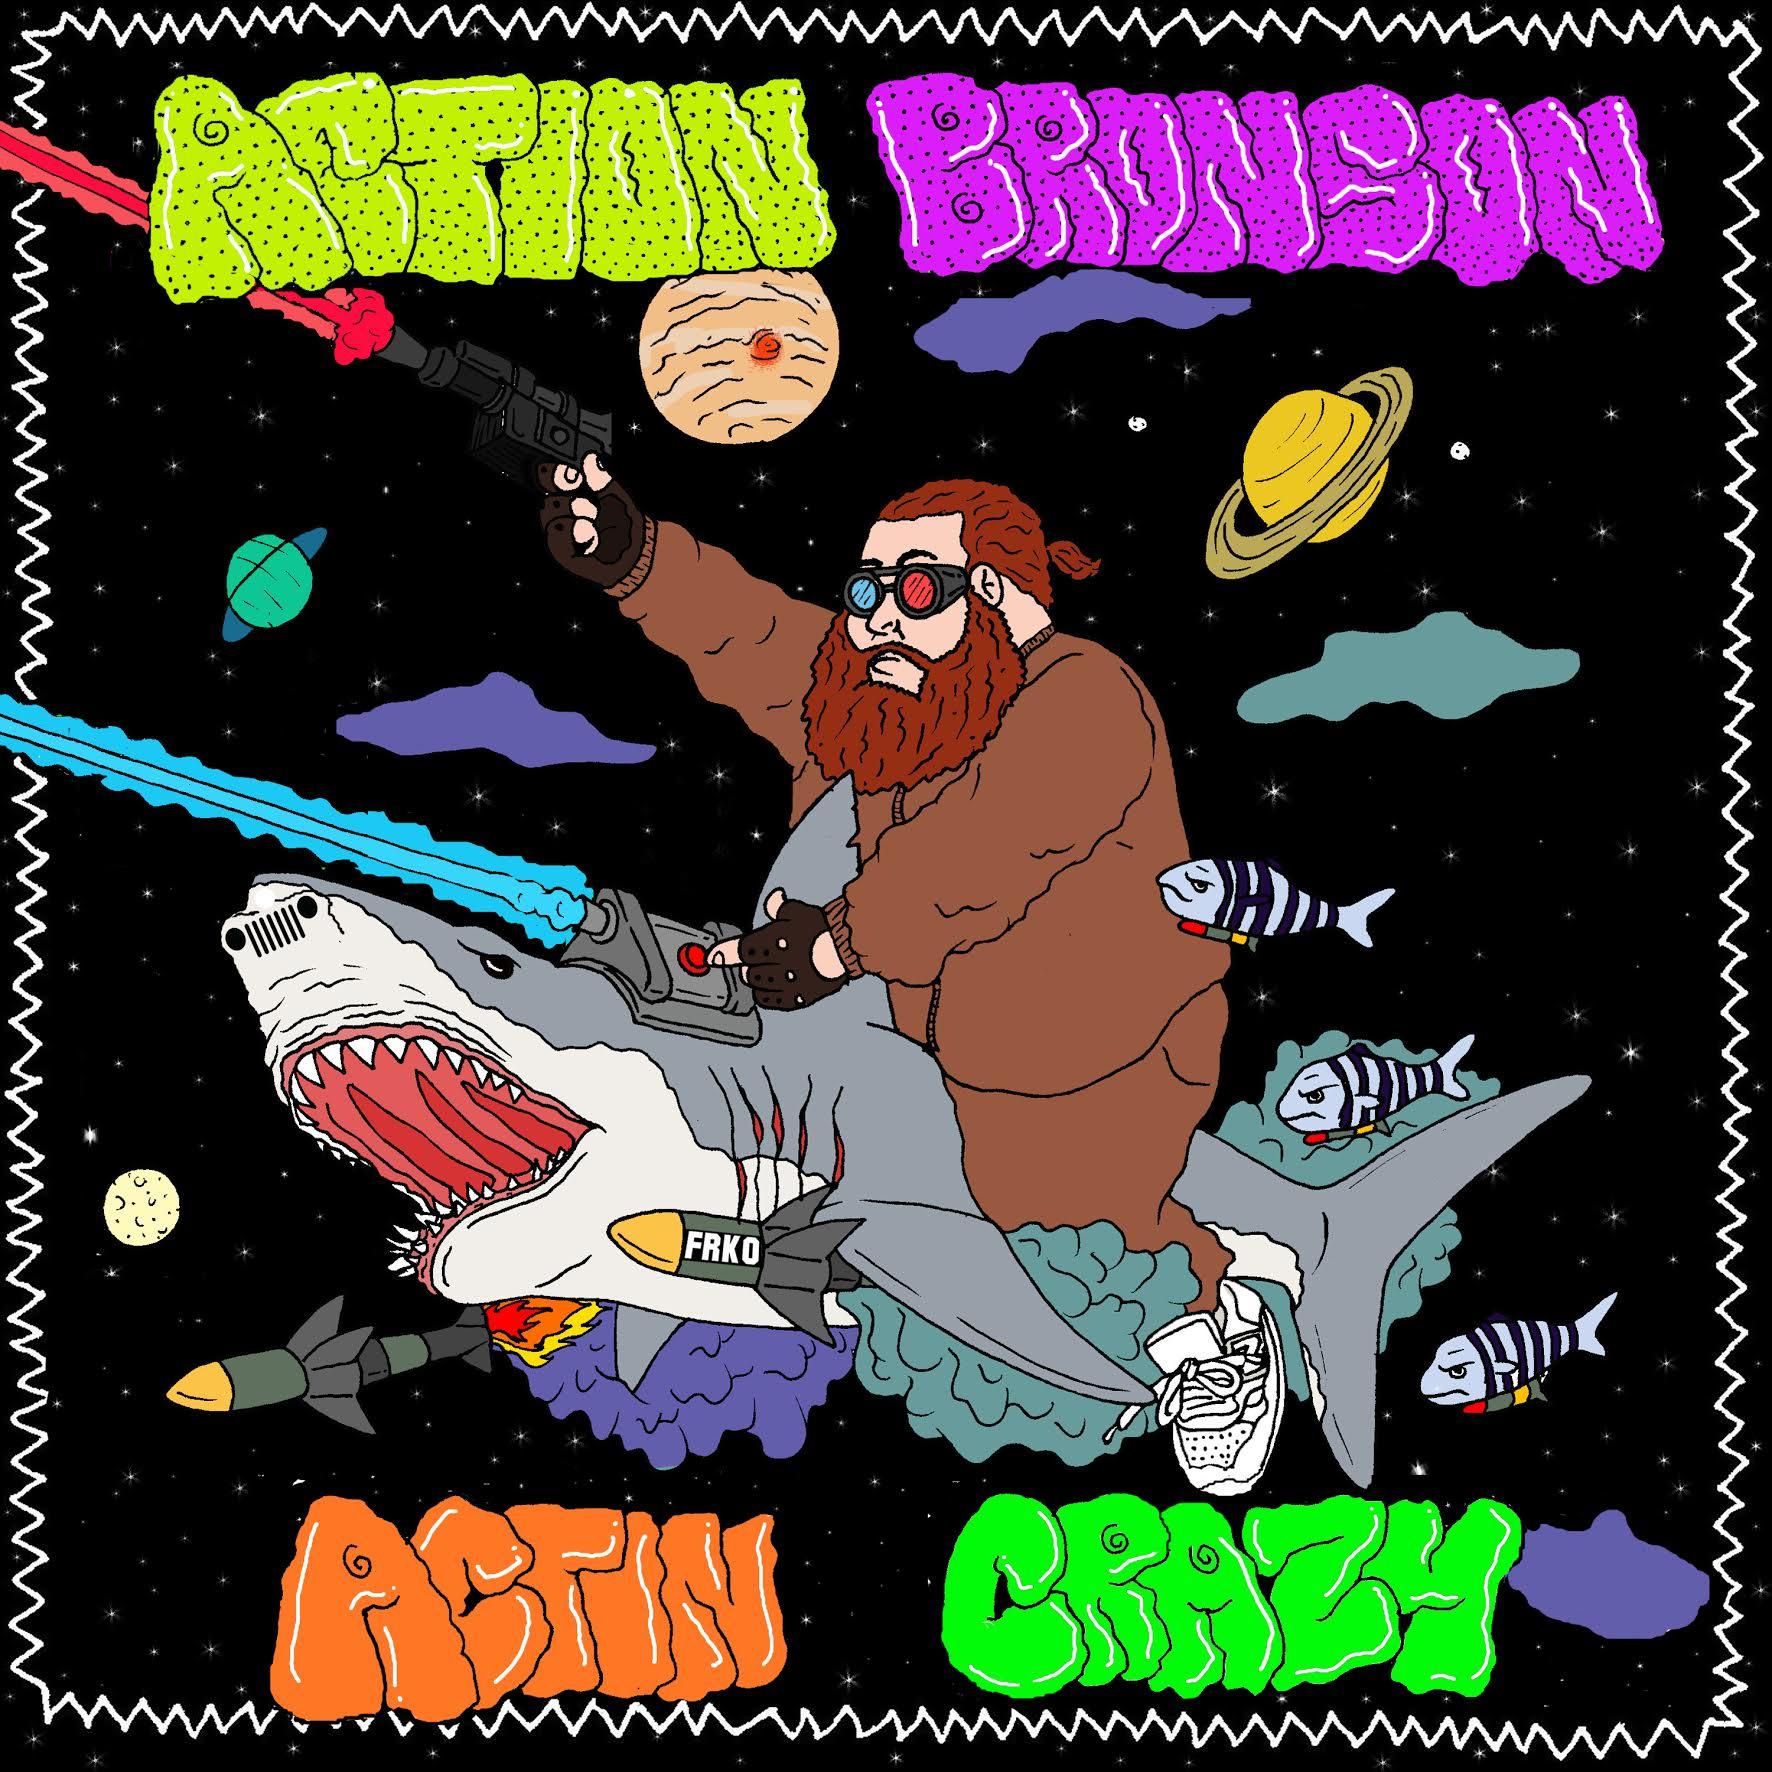 Action Bronson - Bon Appetit Mixtape (Full Artwork CD Art ...  |Action Bronson Album Cover